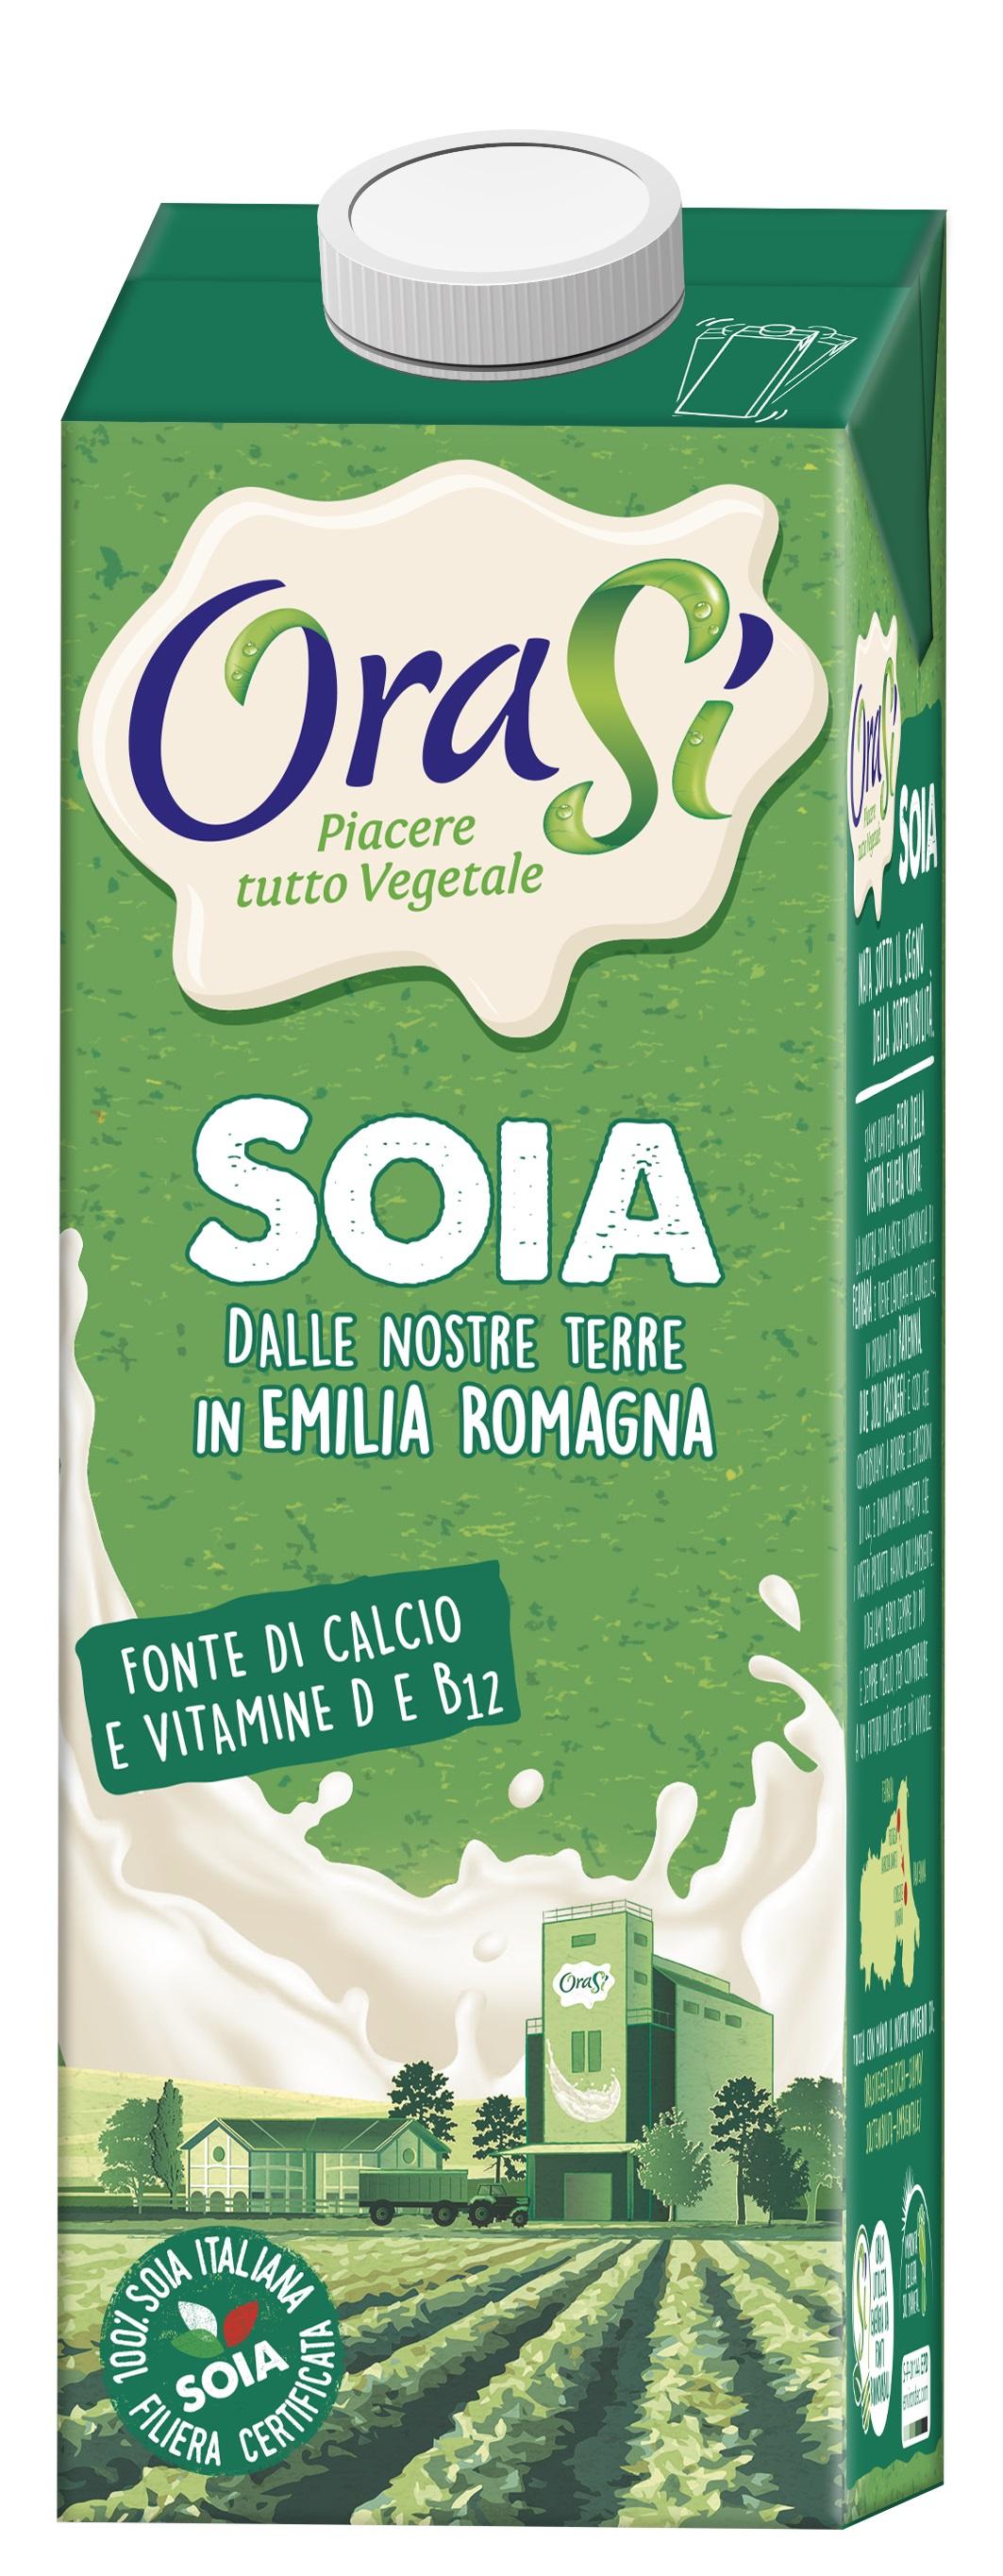 Растительное молоко orasi Soia Соевый напиток, обогащенный витаминами 1л Тетра Пак, 1000 ponti топпинг соевый glassa alla soia на основе бальзамического уксуса di modena 250 мл